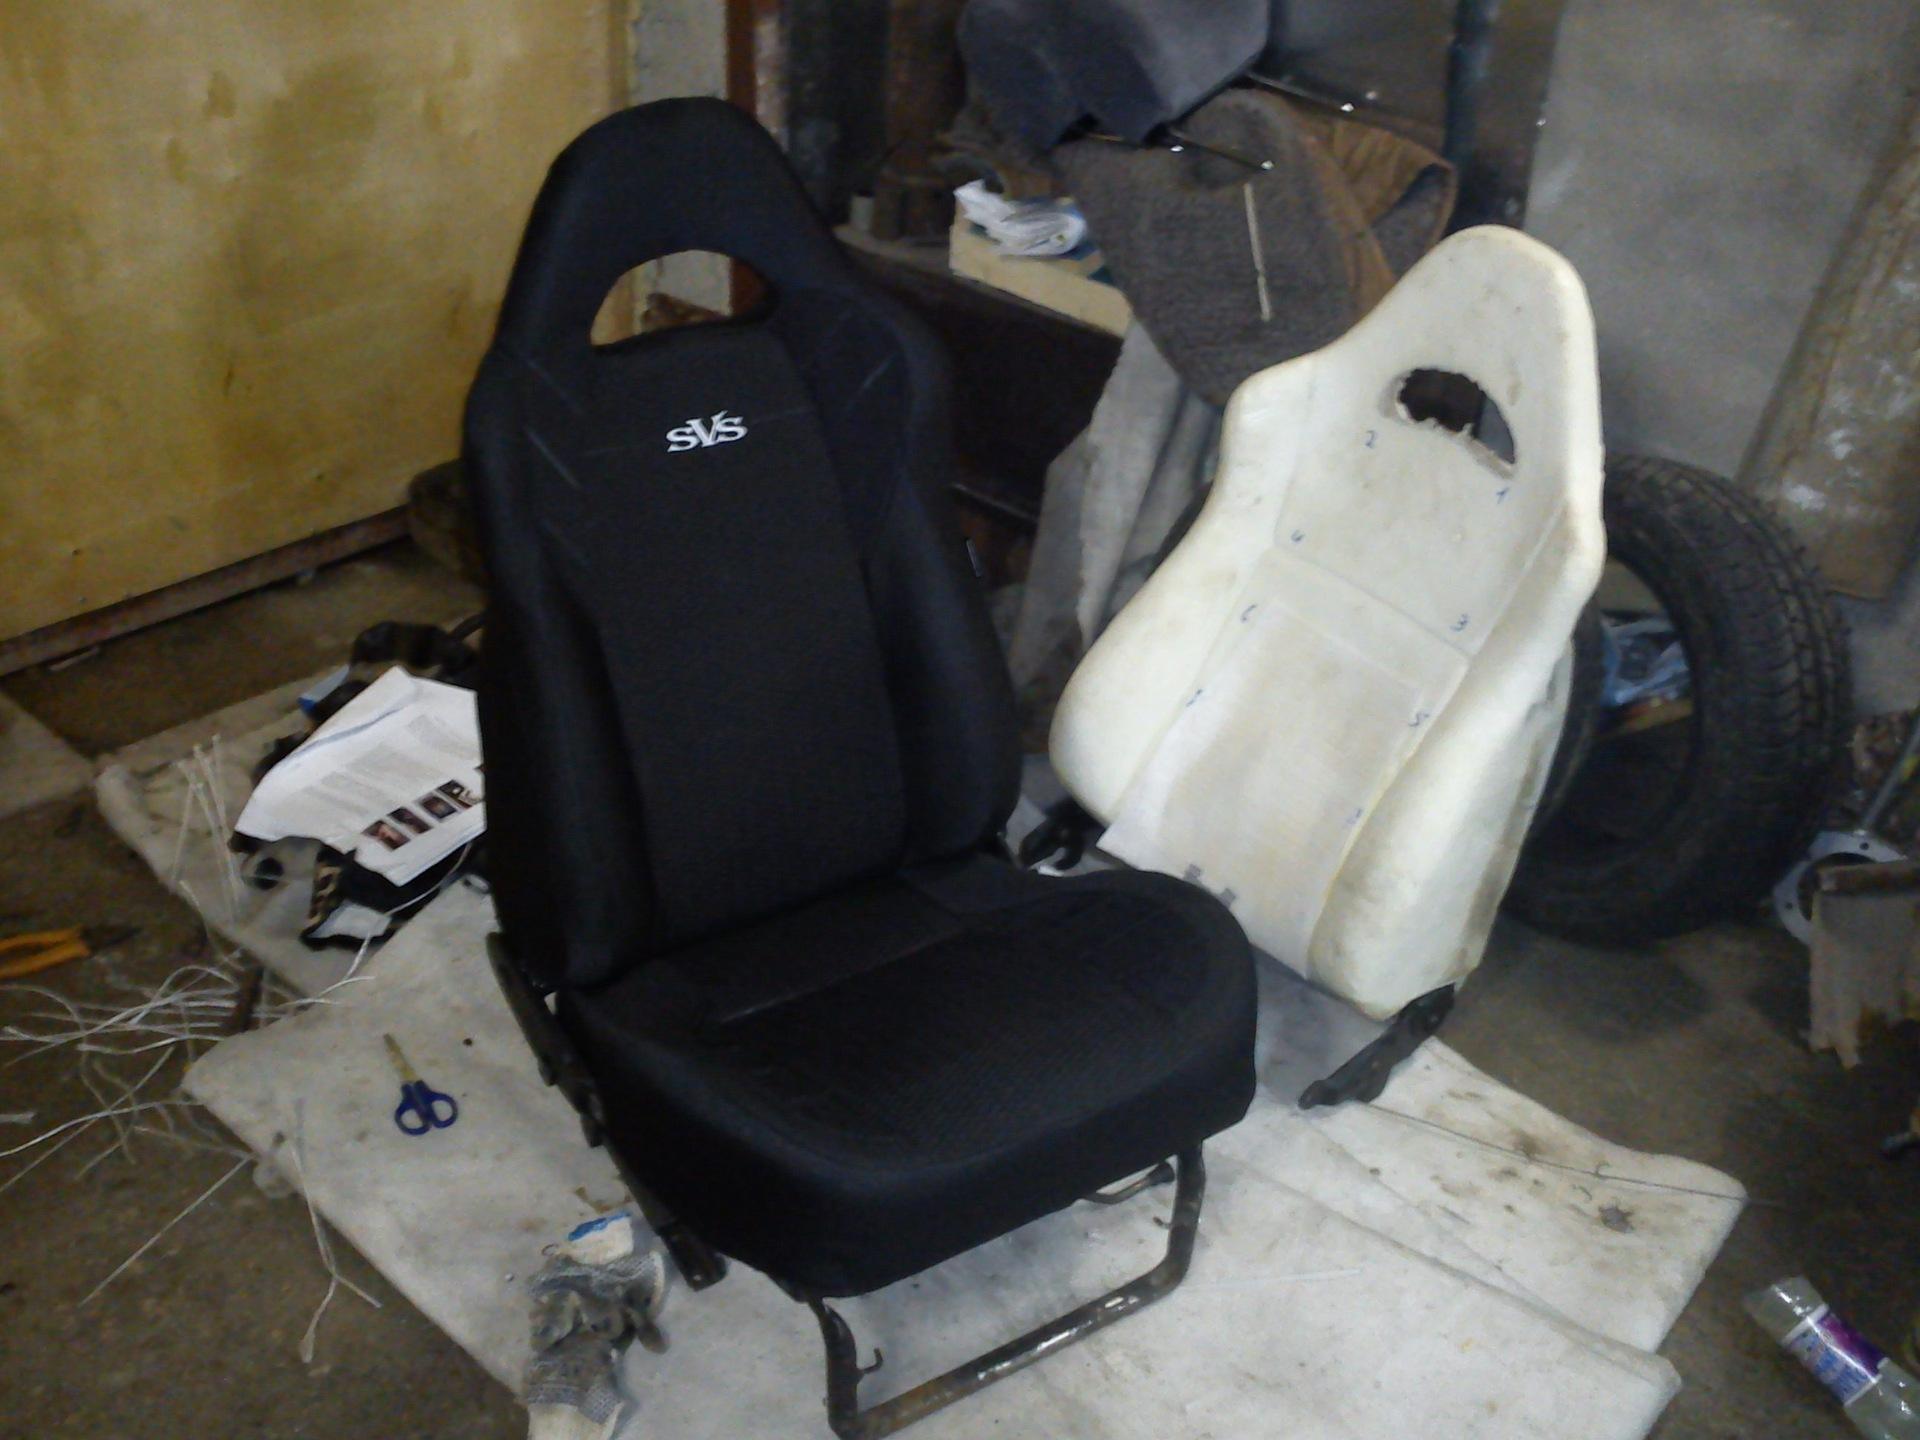 спортивные сиденья своими руками (часть 2) - бортжурнал Лада 2110 8 клапов 2002 года на DRIVE2